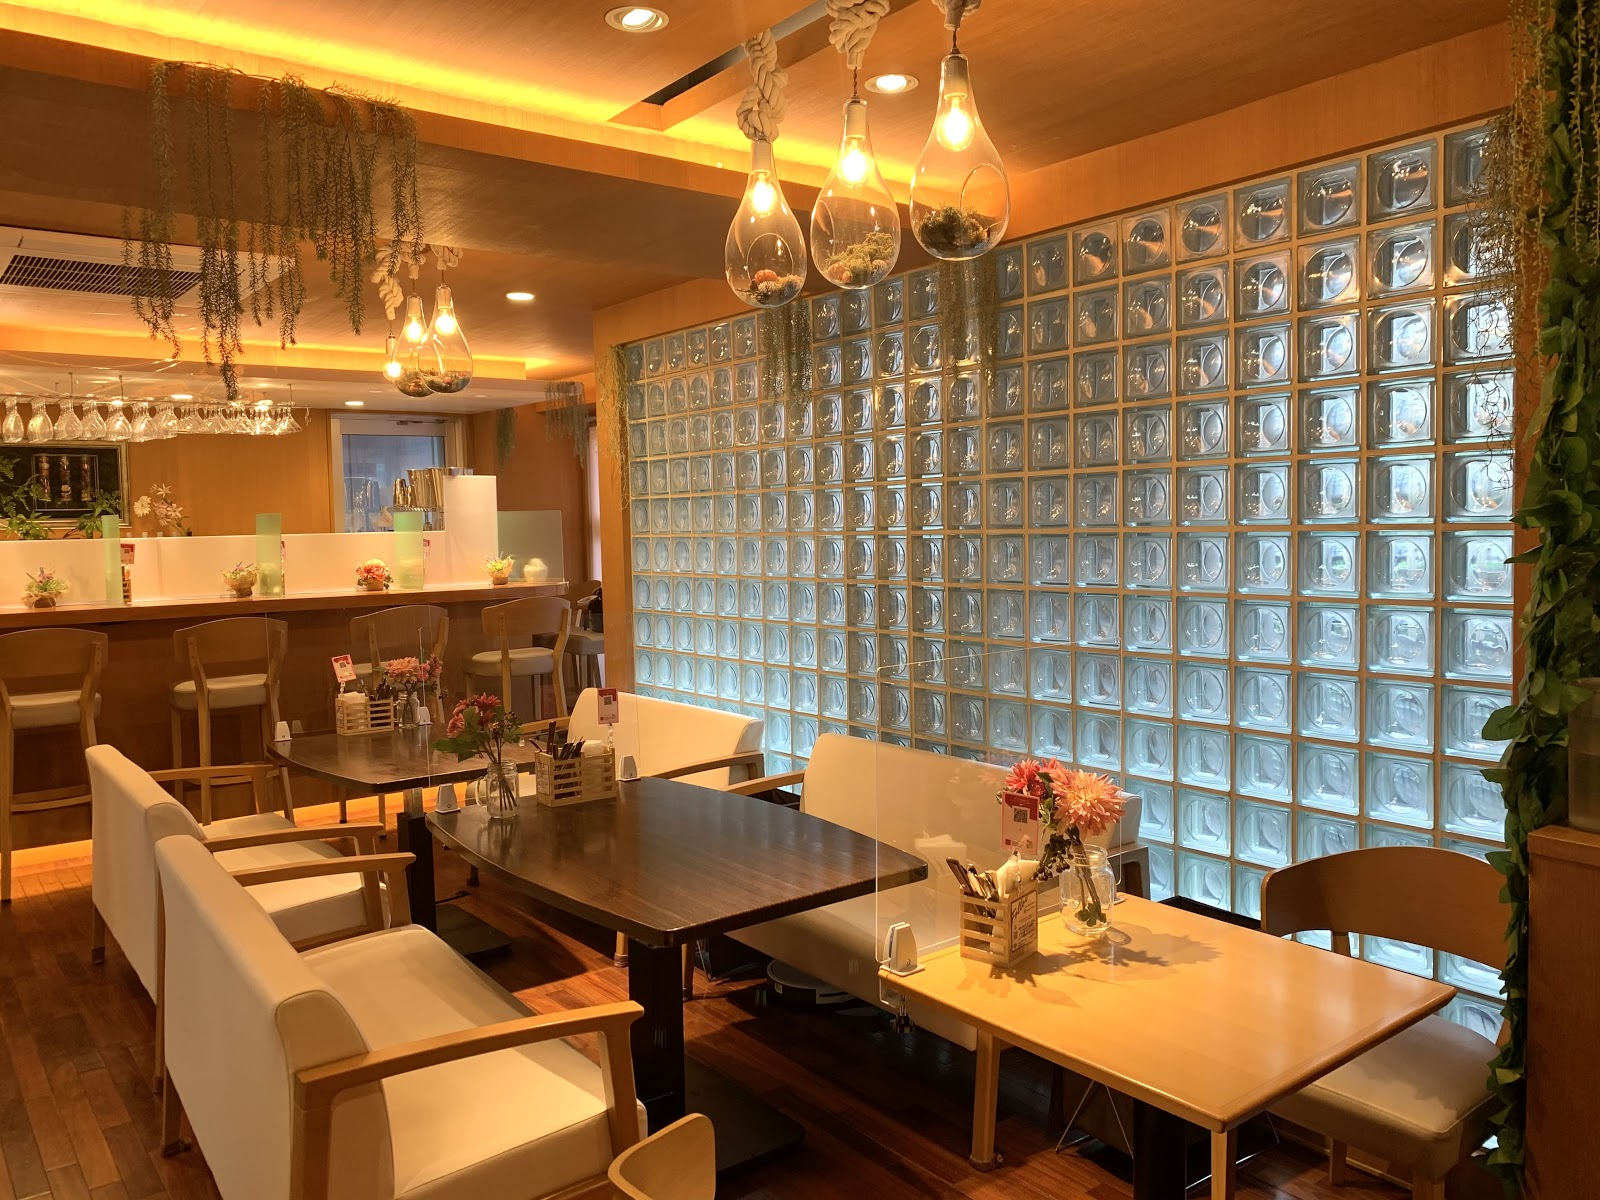 カフェ「Tokyo Orchard」の店内風景